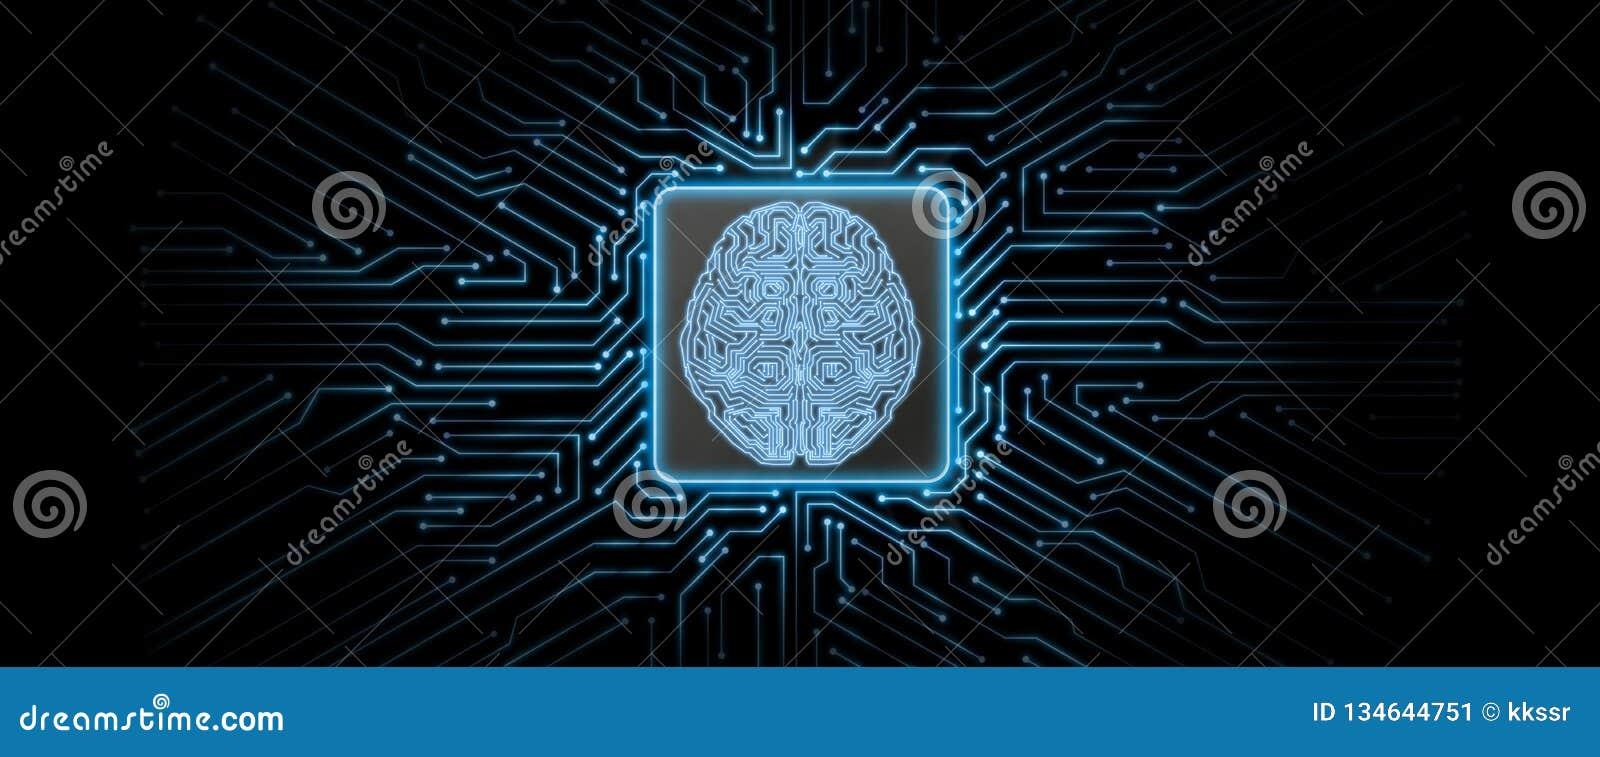 De abstracte blauwe gloeiende achtergrond van de kringsraad met hersenenembleem op centrum